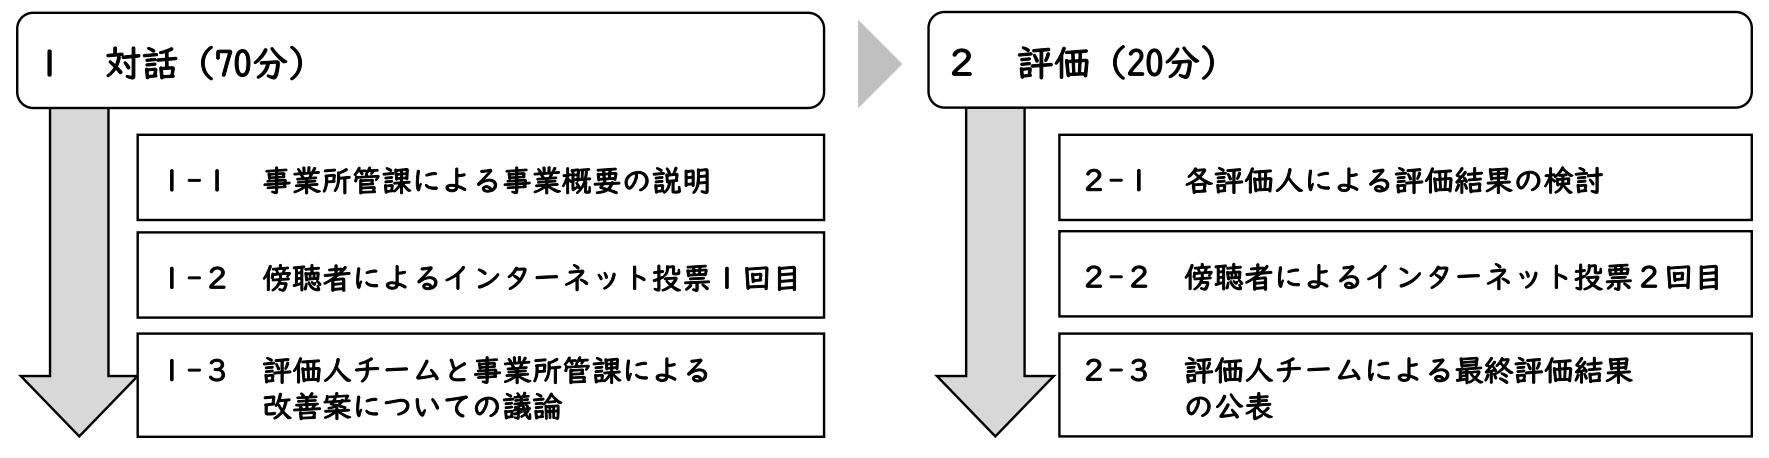 町田市「市民参加型事業評価」の実施方法